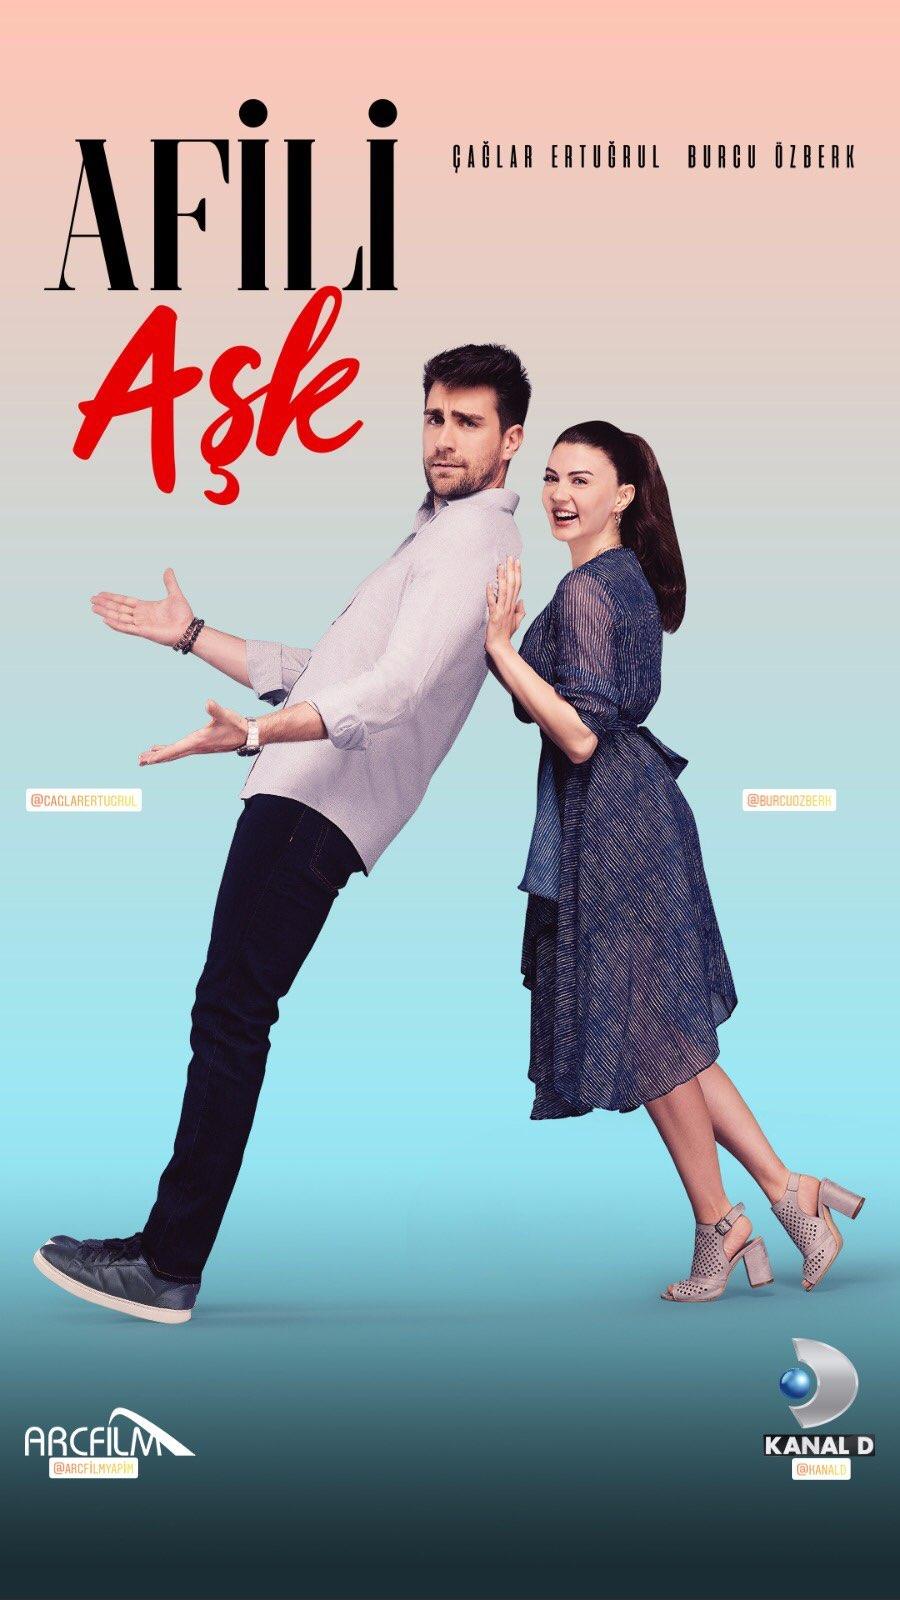 مسلسل العشق الفاخر الحلقة 1 الاولى مترجمة Turkish Film Drama Tv Series Handsome Actors